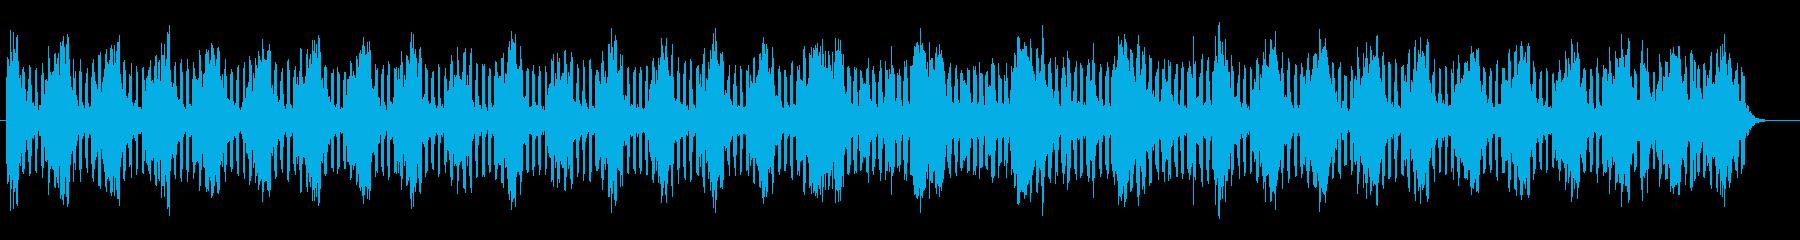 柔らかくしっとりとしたミュージックの再生済みの波形